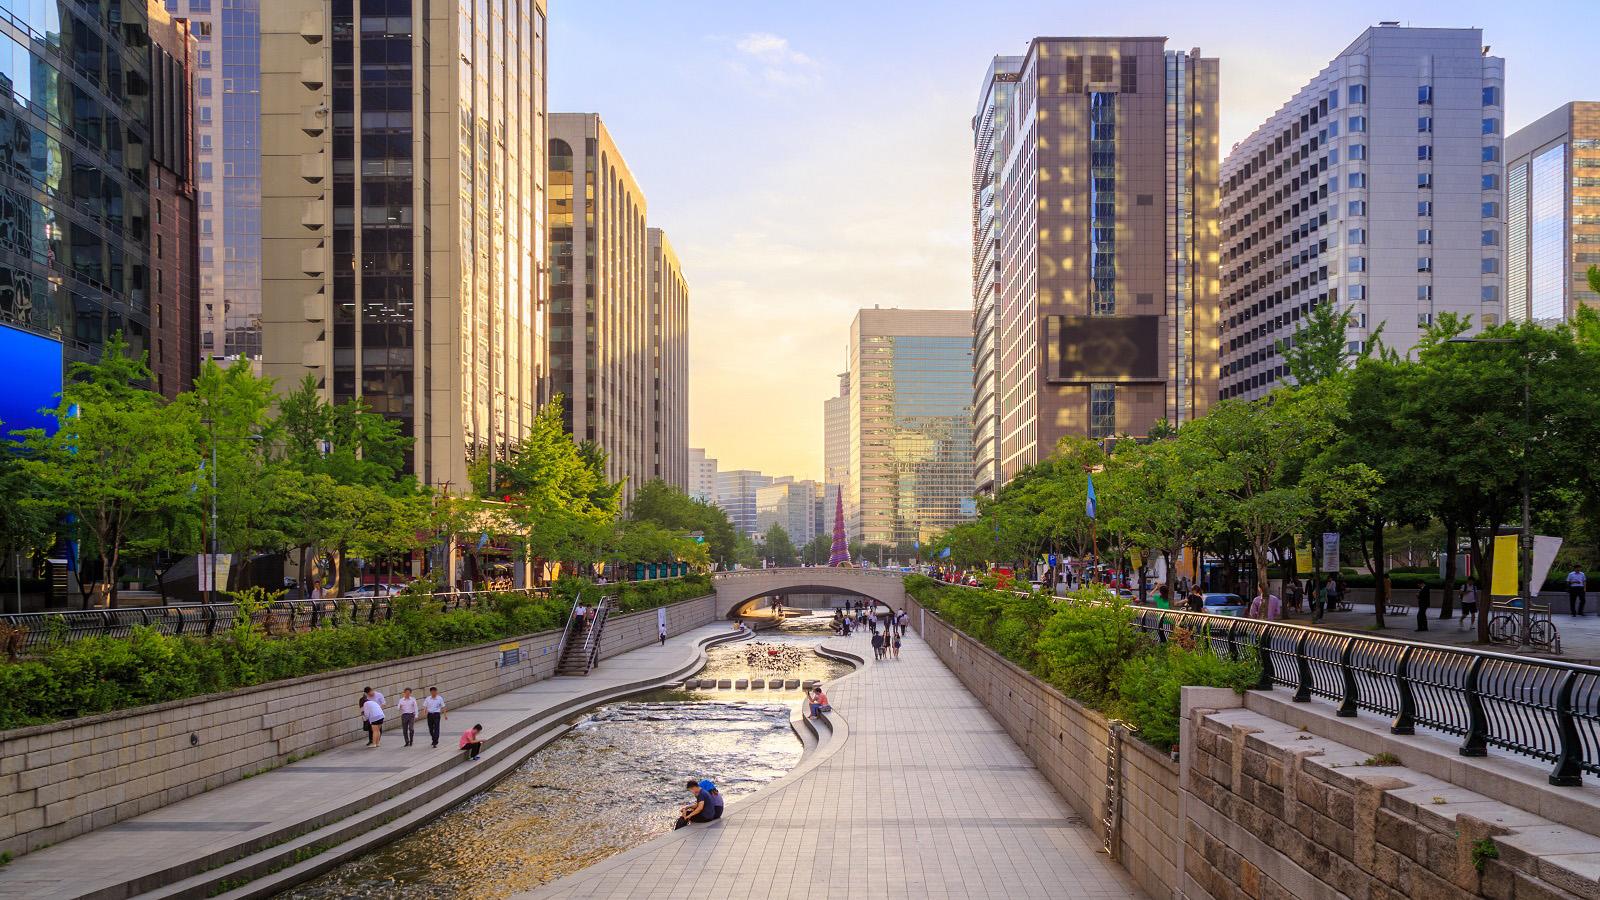 Du Lịch Hàn Quốc – Seoul – Yeouido 5 Ngày 4 Đêm